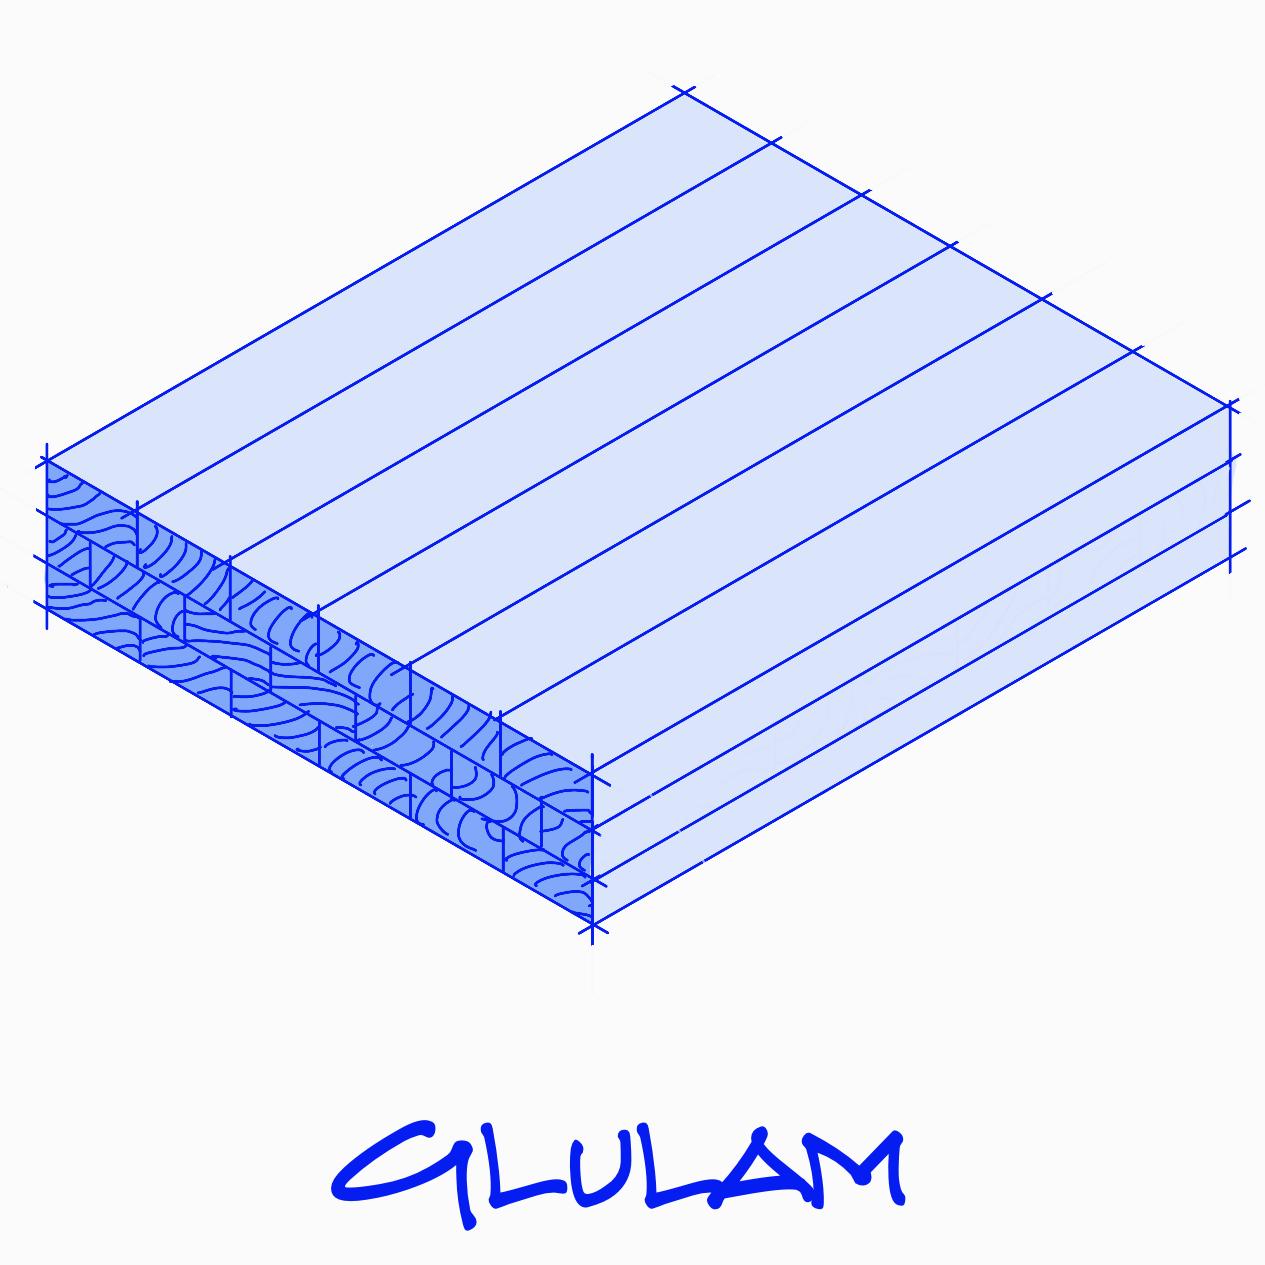 Glulam